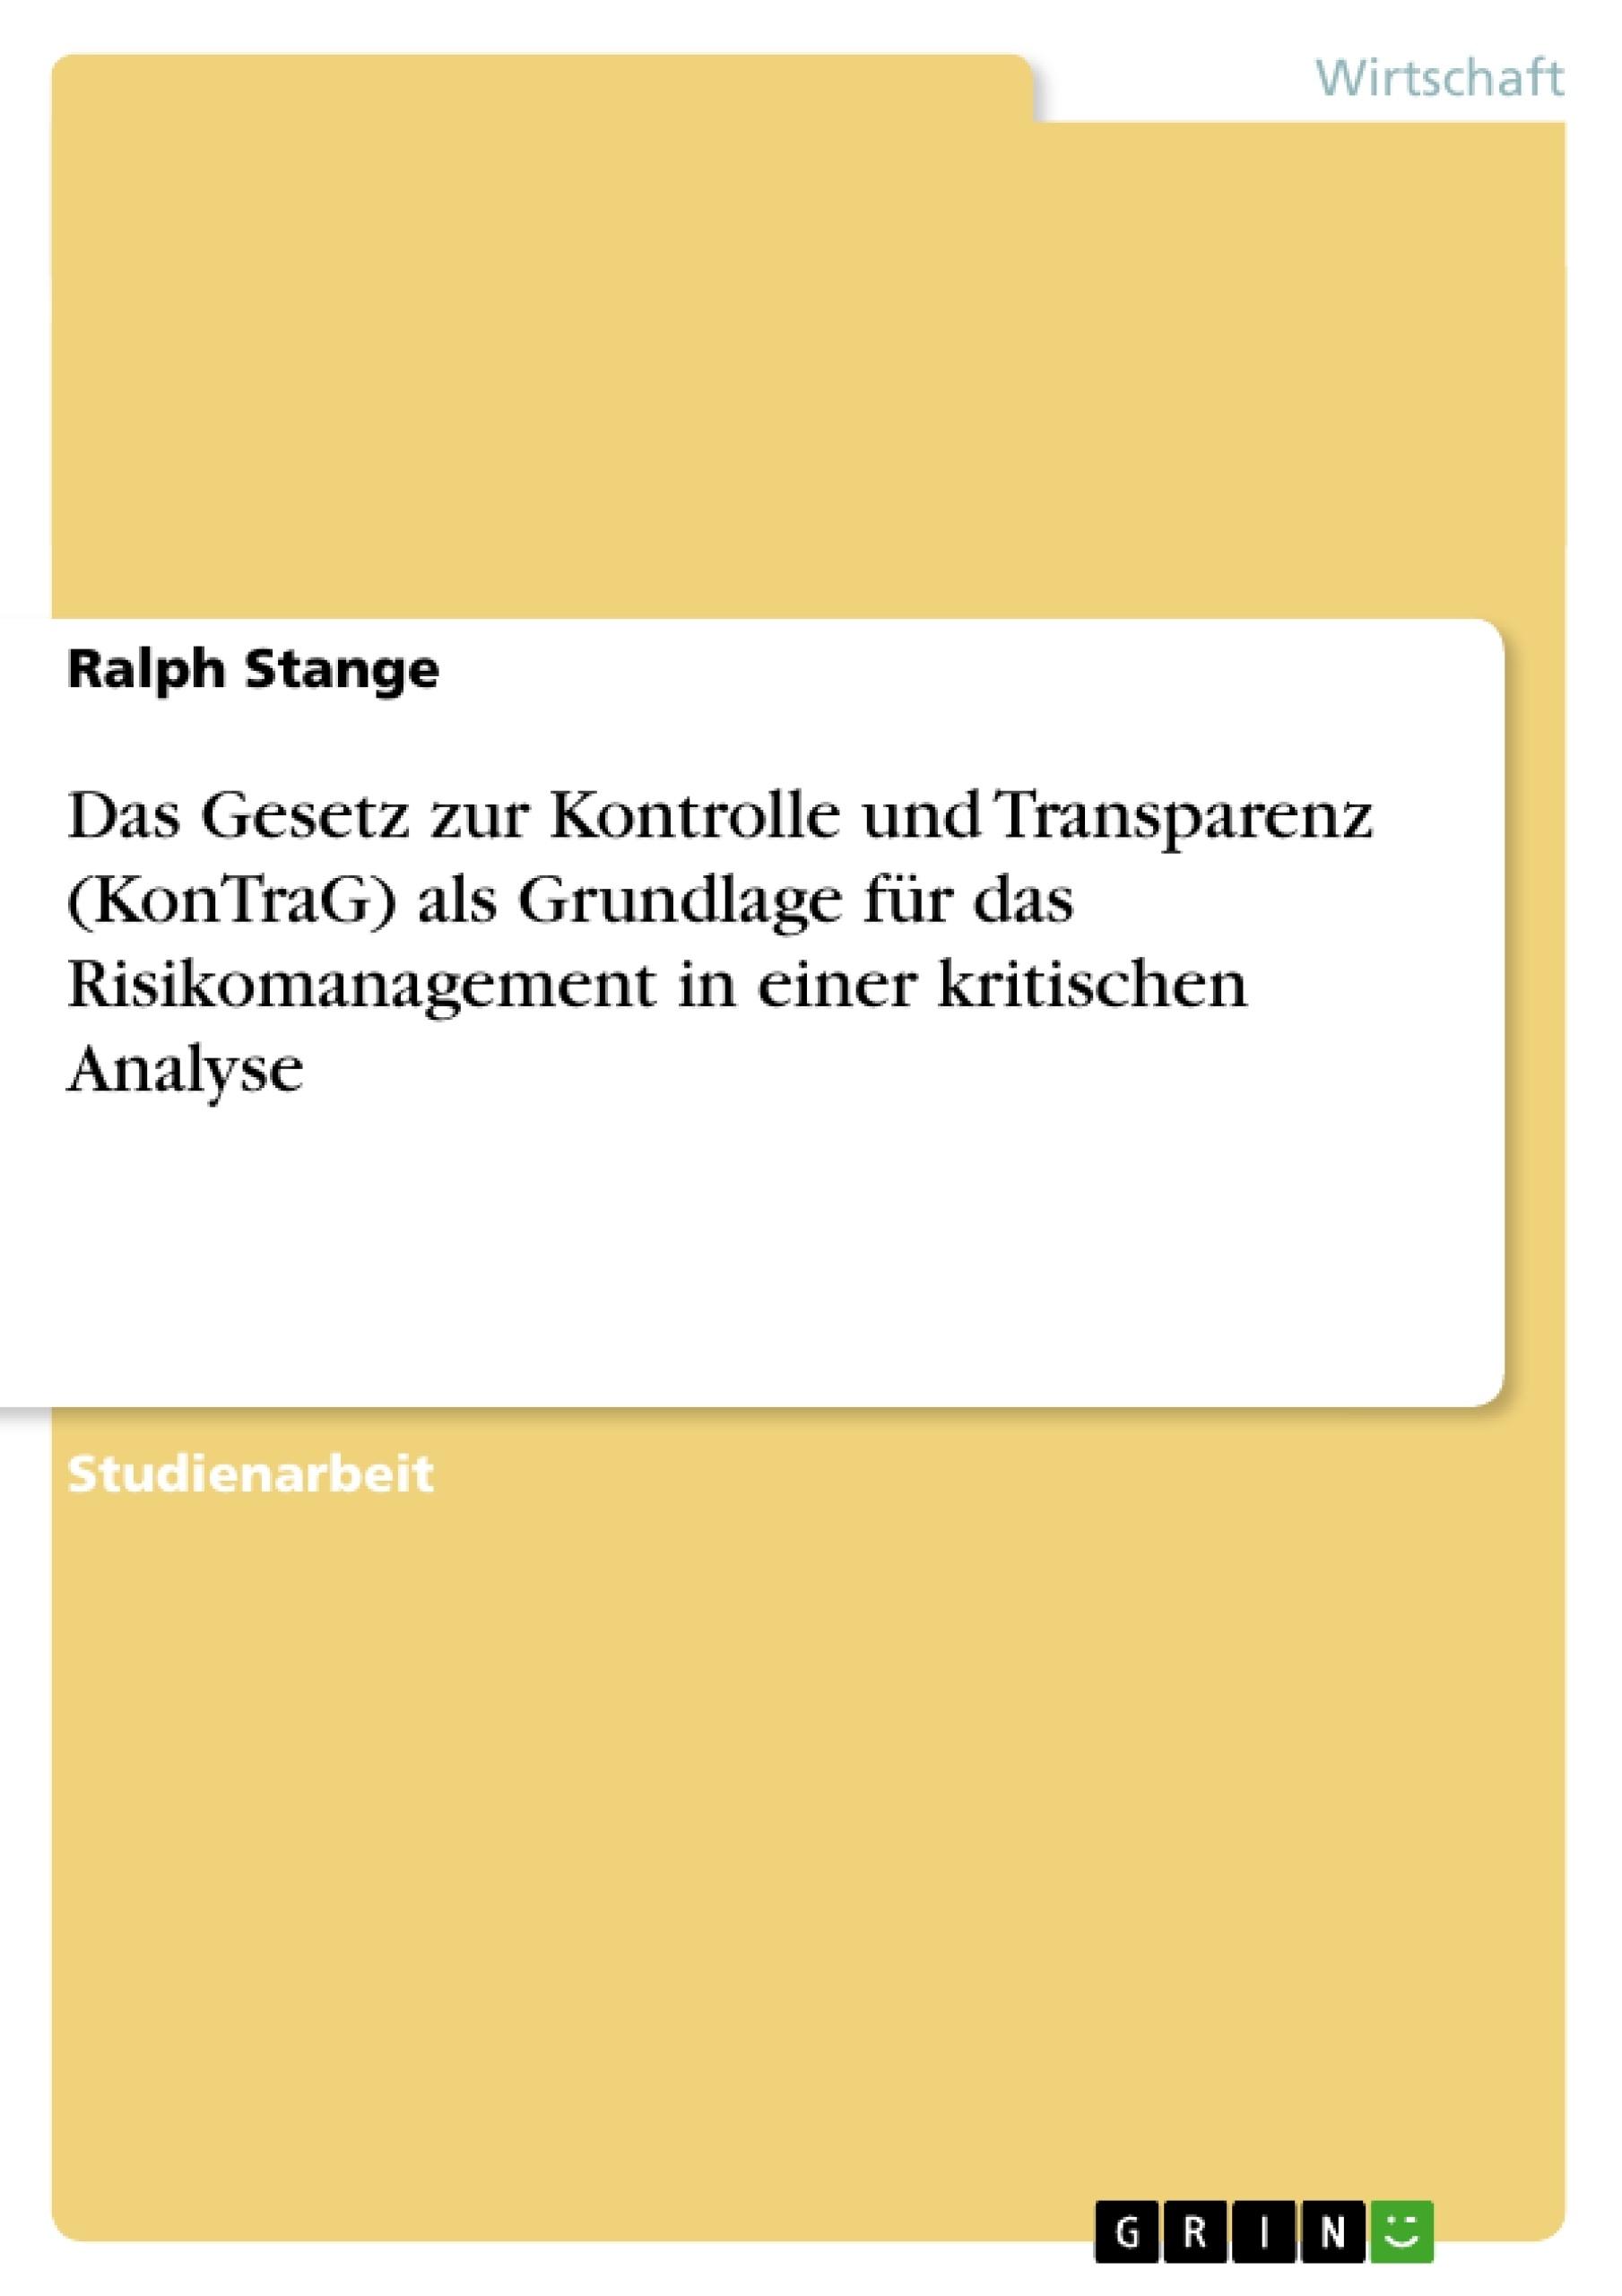 Titel: Das Gesetz zur Kontrolle und Transparenz (KonTraG) als Grundlage für das Risikomanagement in einer kritischen Analyse